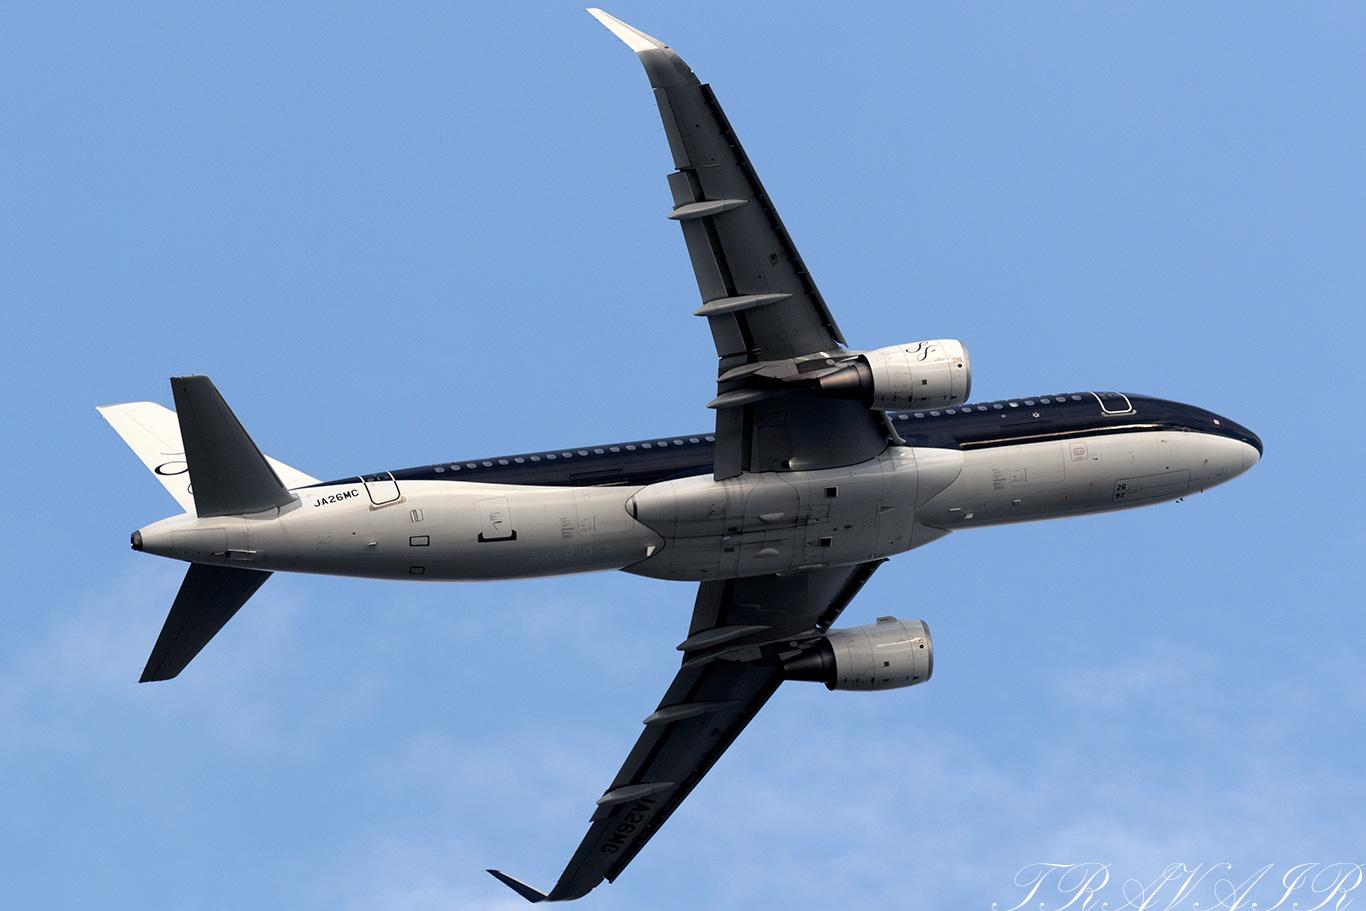 7G/SFJ/スターフライヤー 7G27 A320 JA26MC